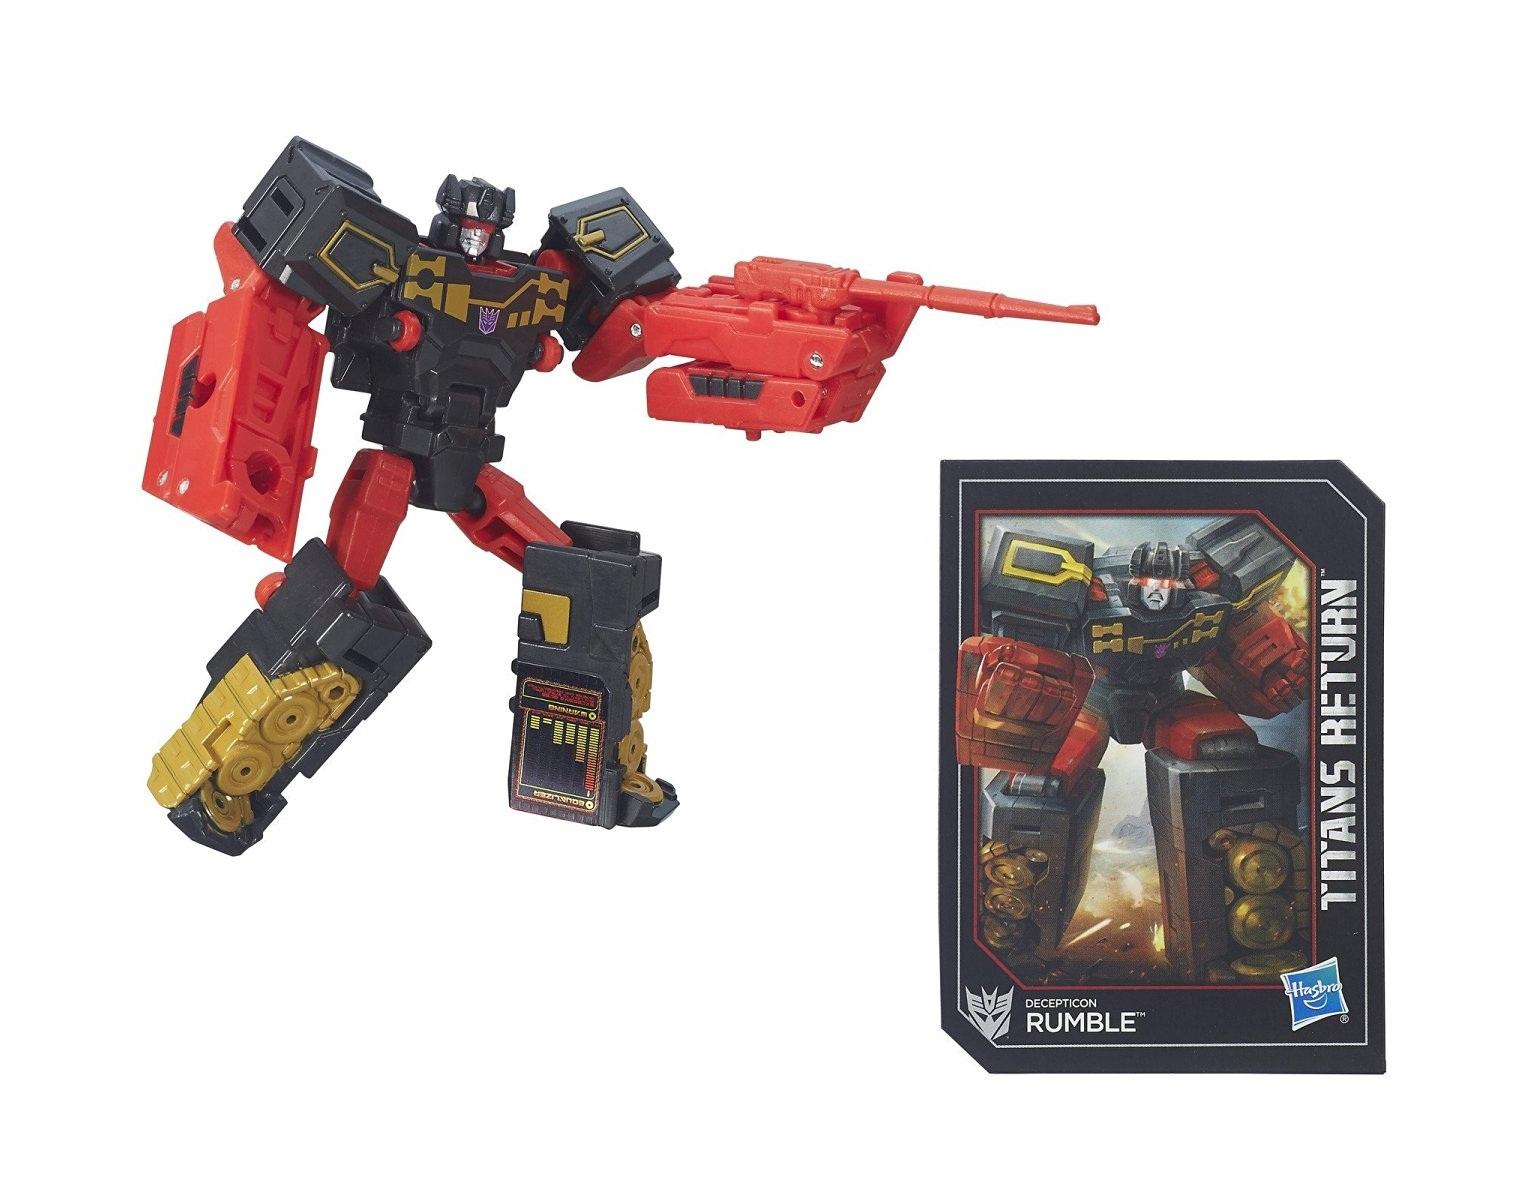 Трансформер - Дженерэйшнс: Войны Титанов Лэджендс - RumbleИгрушки трансформеры<br>Трансформер - Дженерэйшнс: Войны Титанов Лэджендс - Rumble<br>